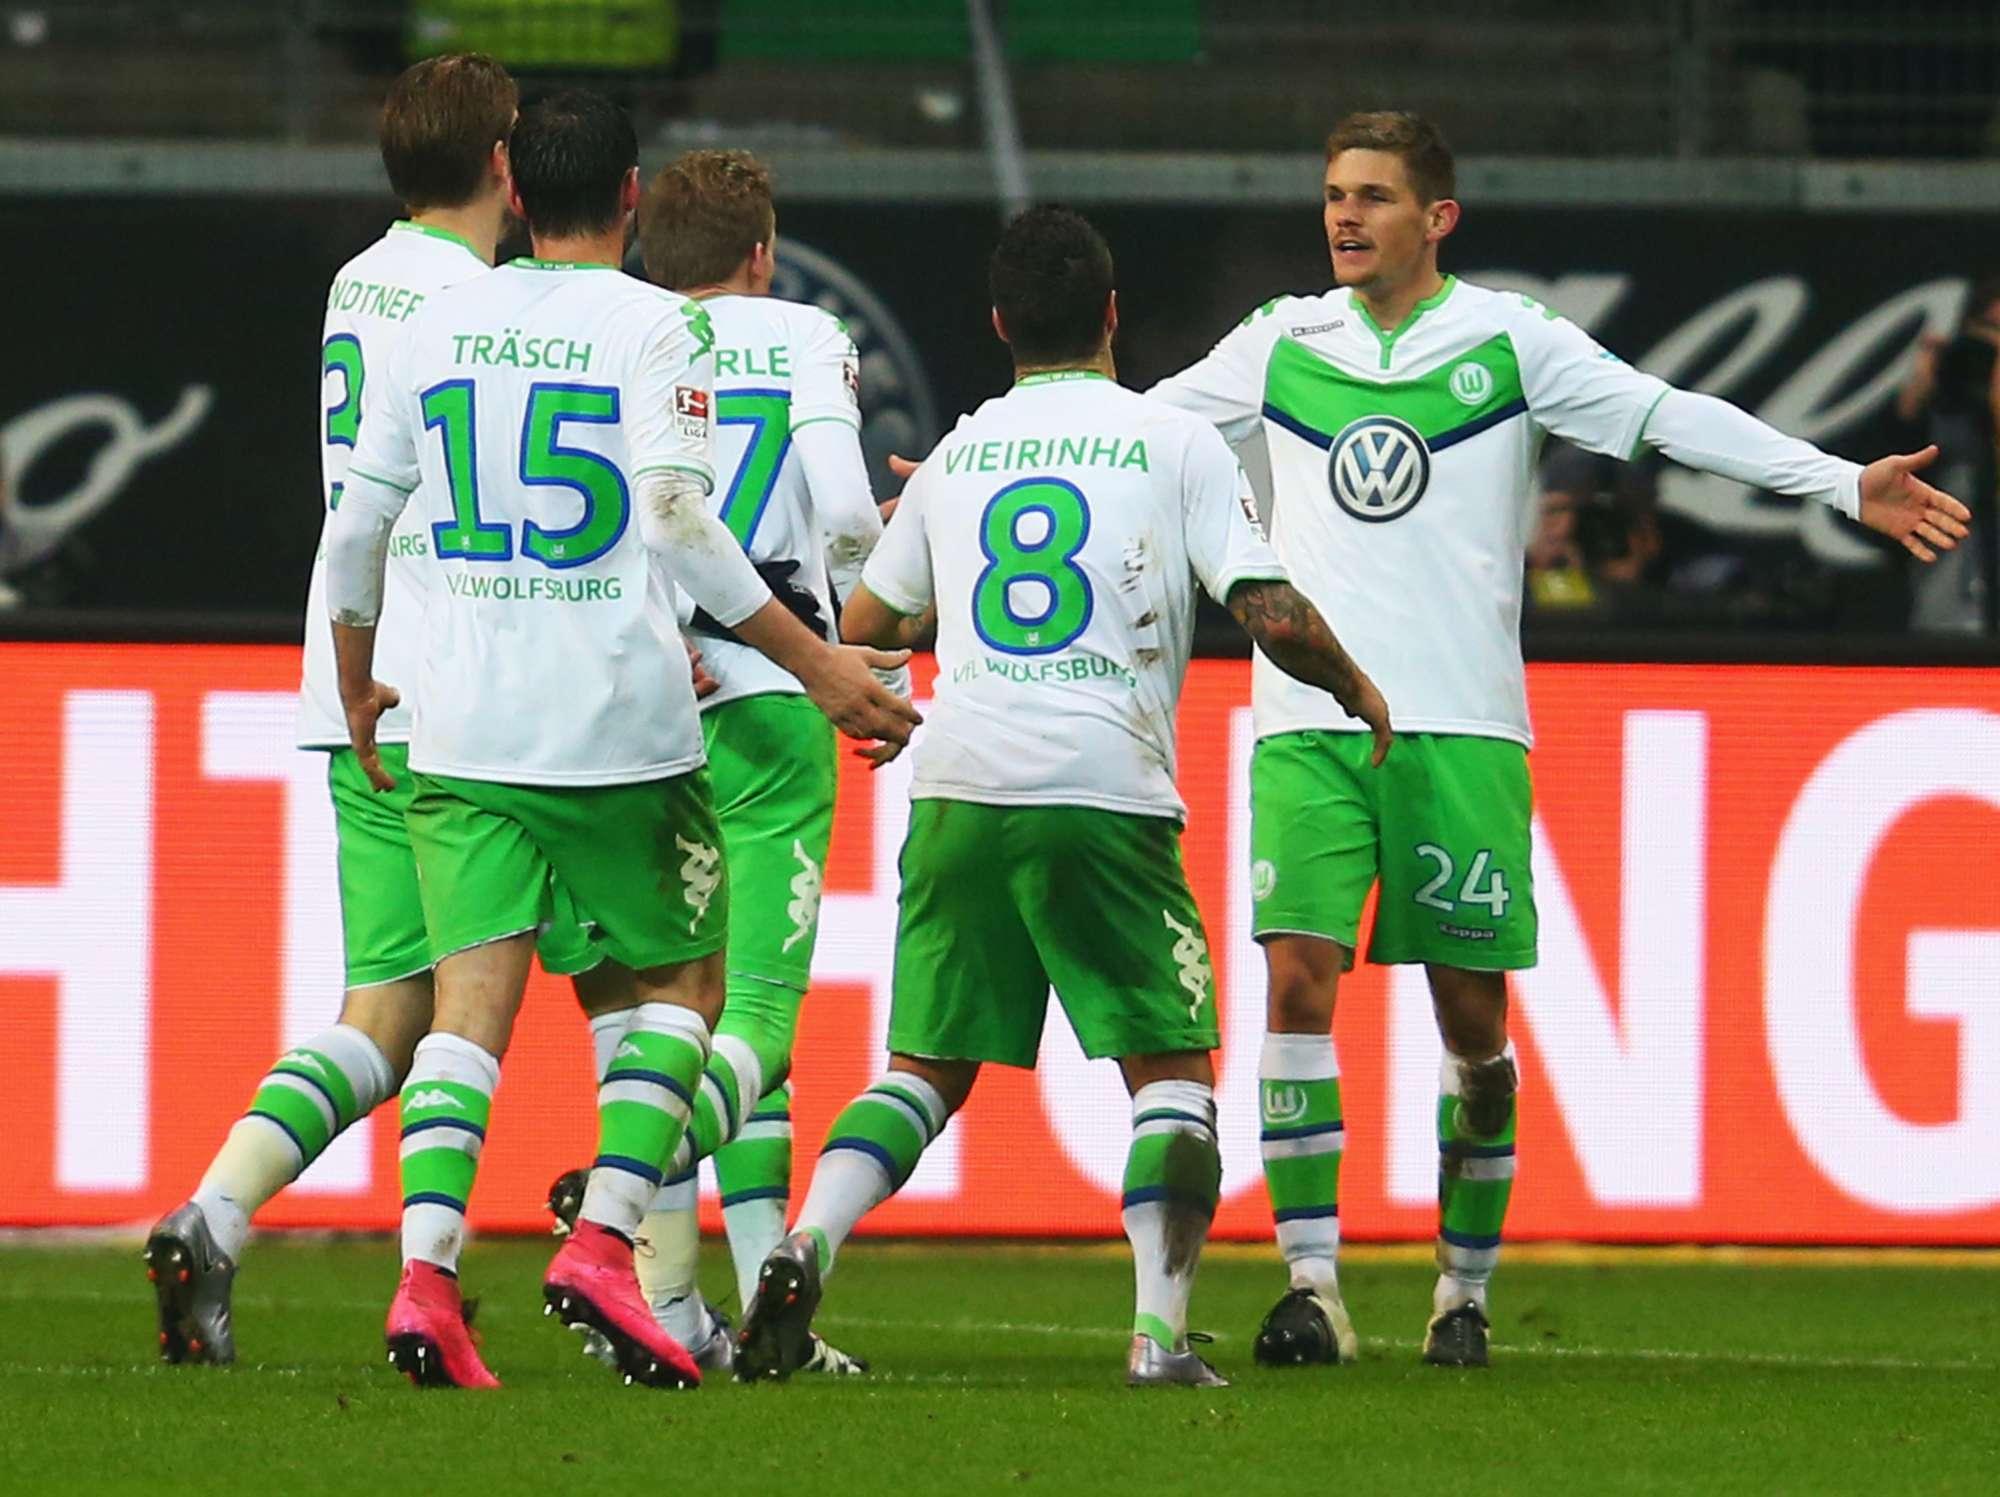 Andre Schuerrle festeggiato dai compagni dopo un gol